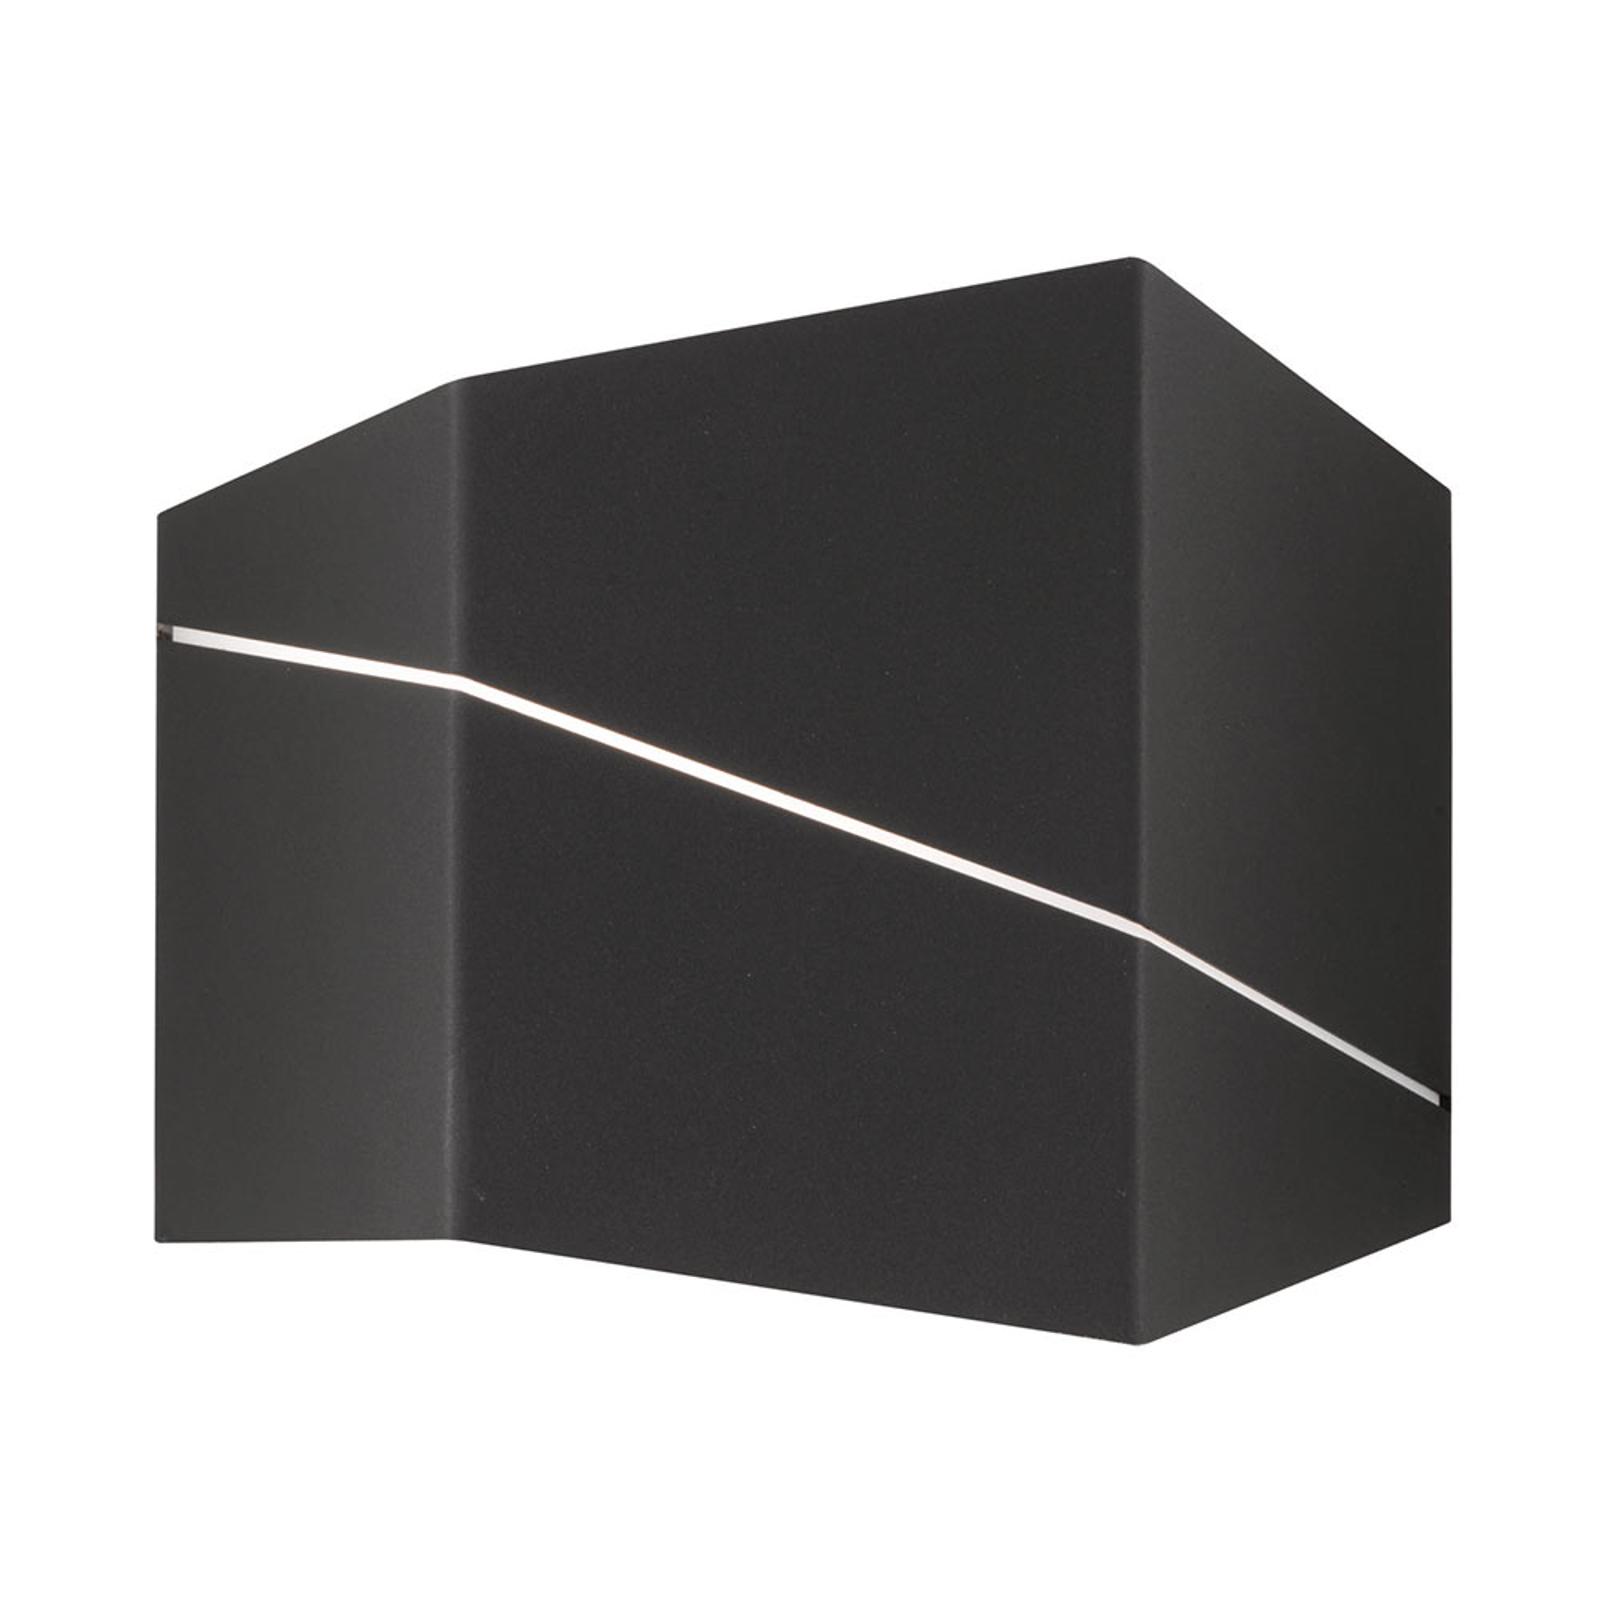 Zorro - moderni LED-seinävalaisin, mattamusta 18cm